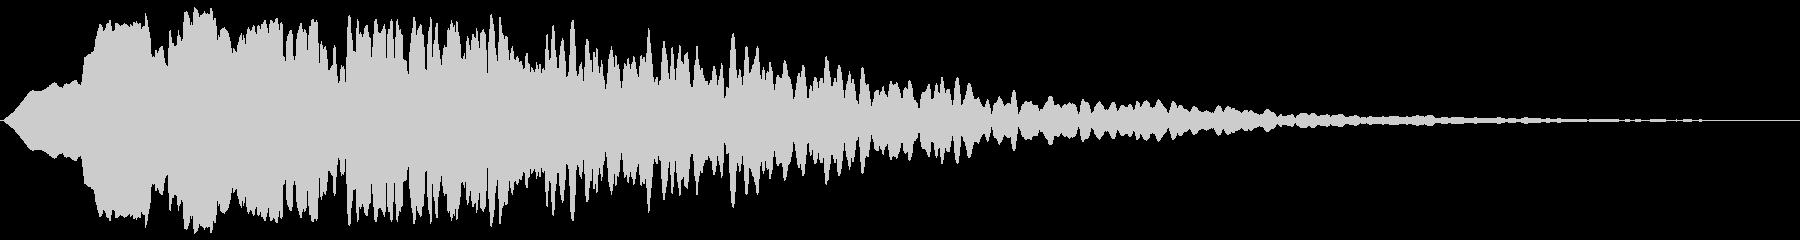 【映画演出】圧迫感_01の未再生の波形